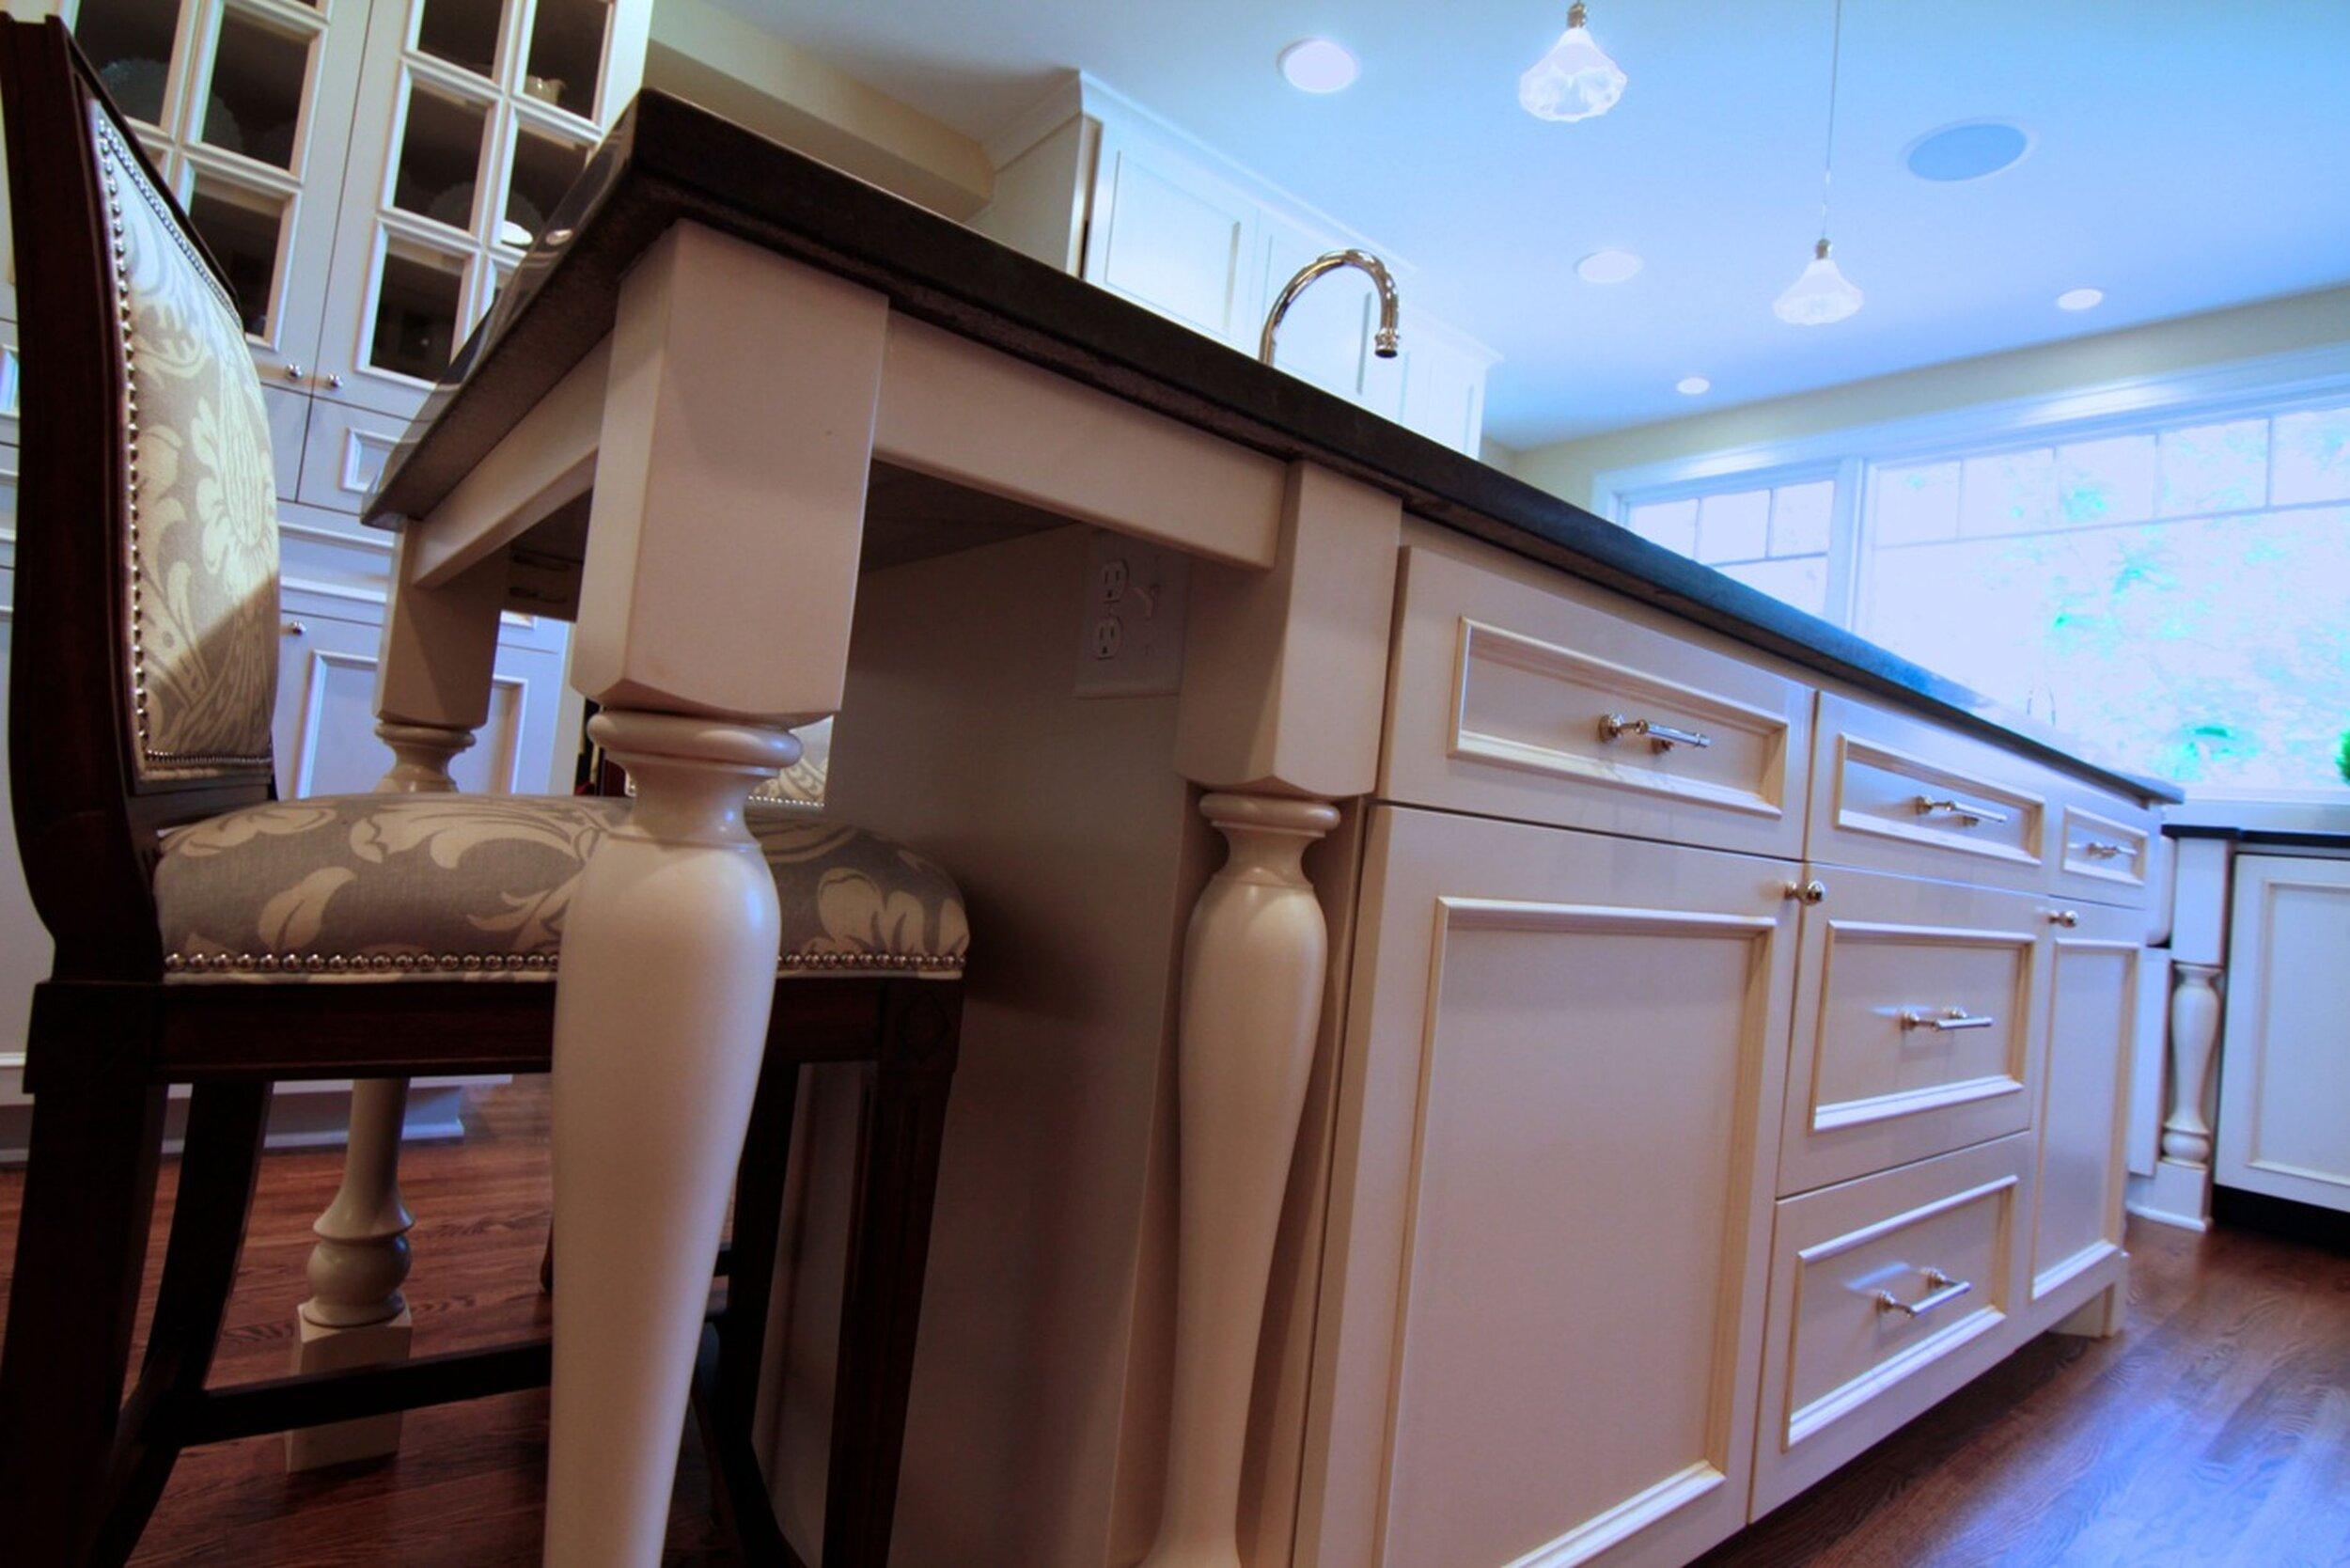 harriet_kitchen_3.jpg